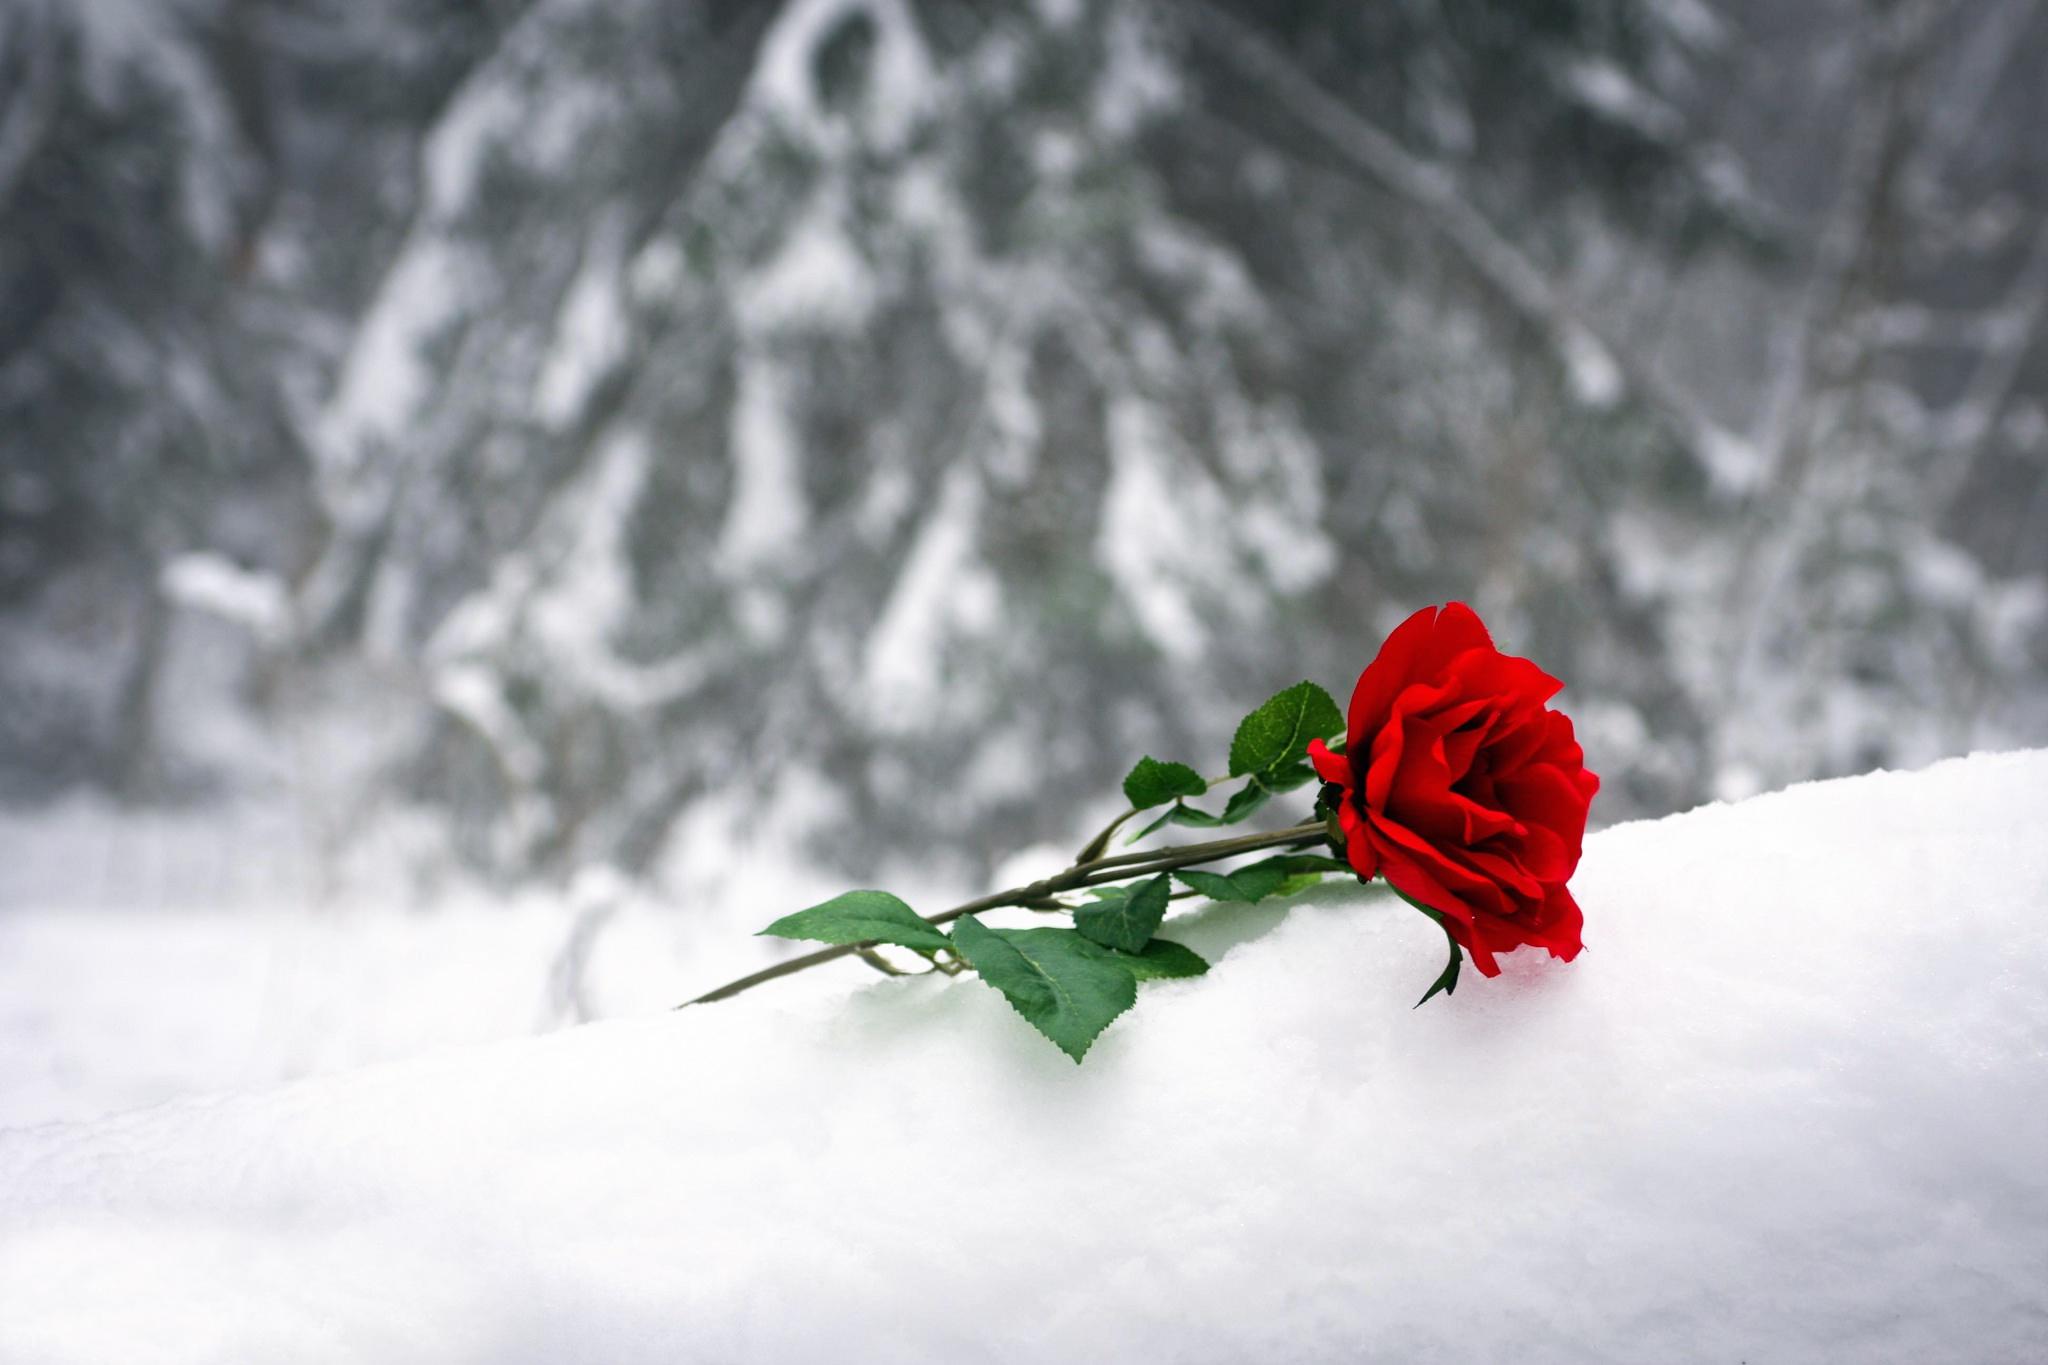 Картинка, картинка розы в снегу